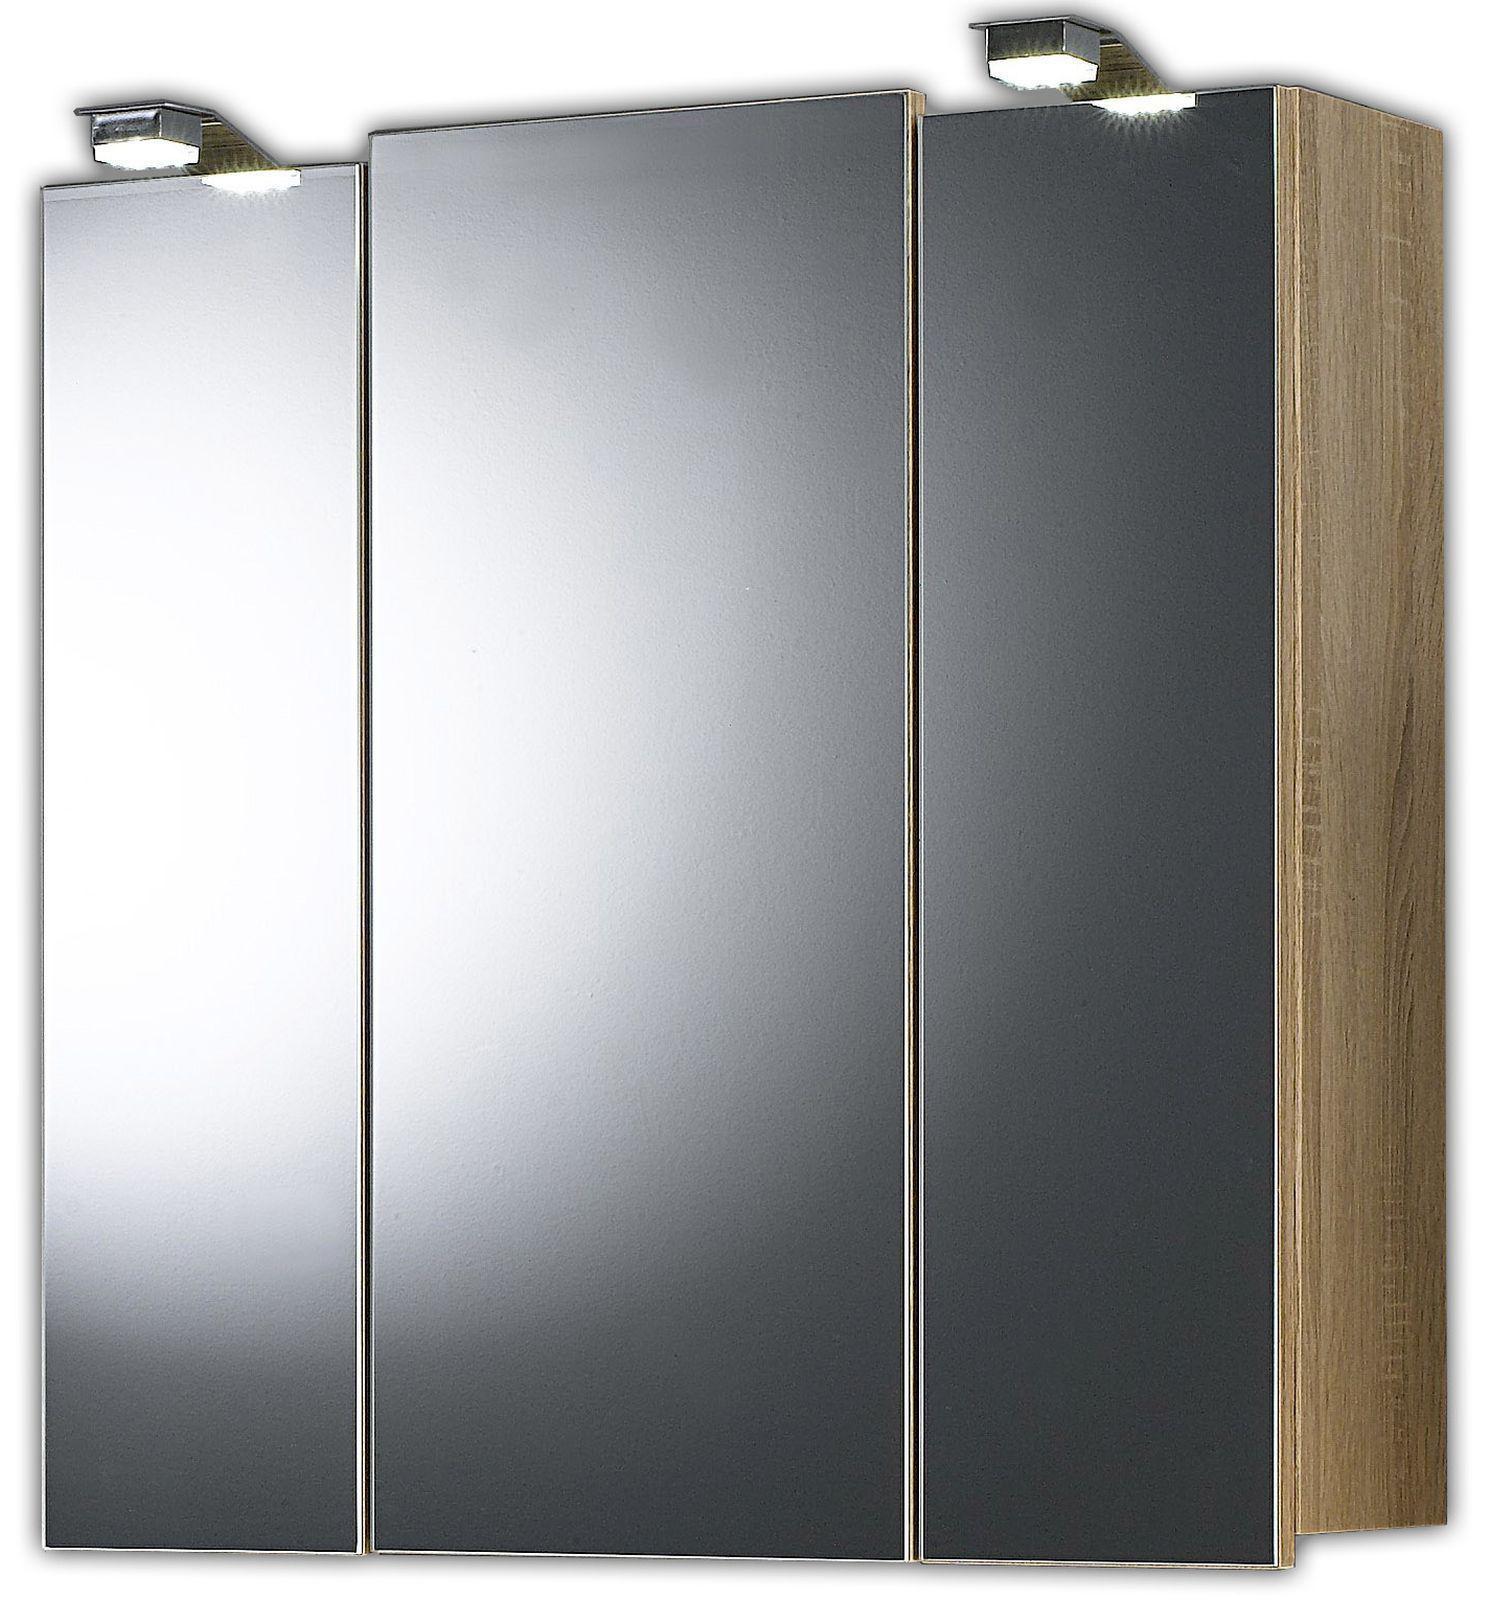 download spiegelschrank badezimmer 70 cm | vitaplaza, Badezimmer ideen